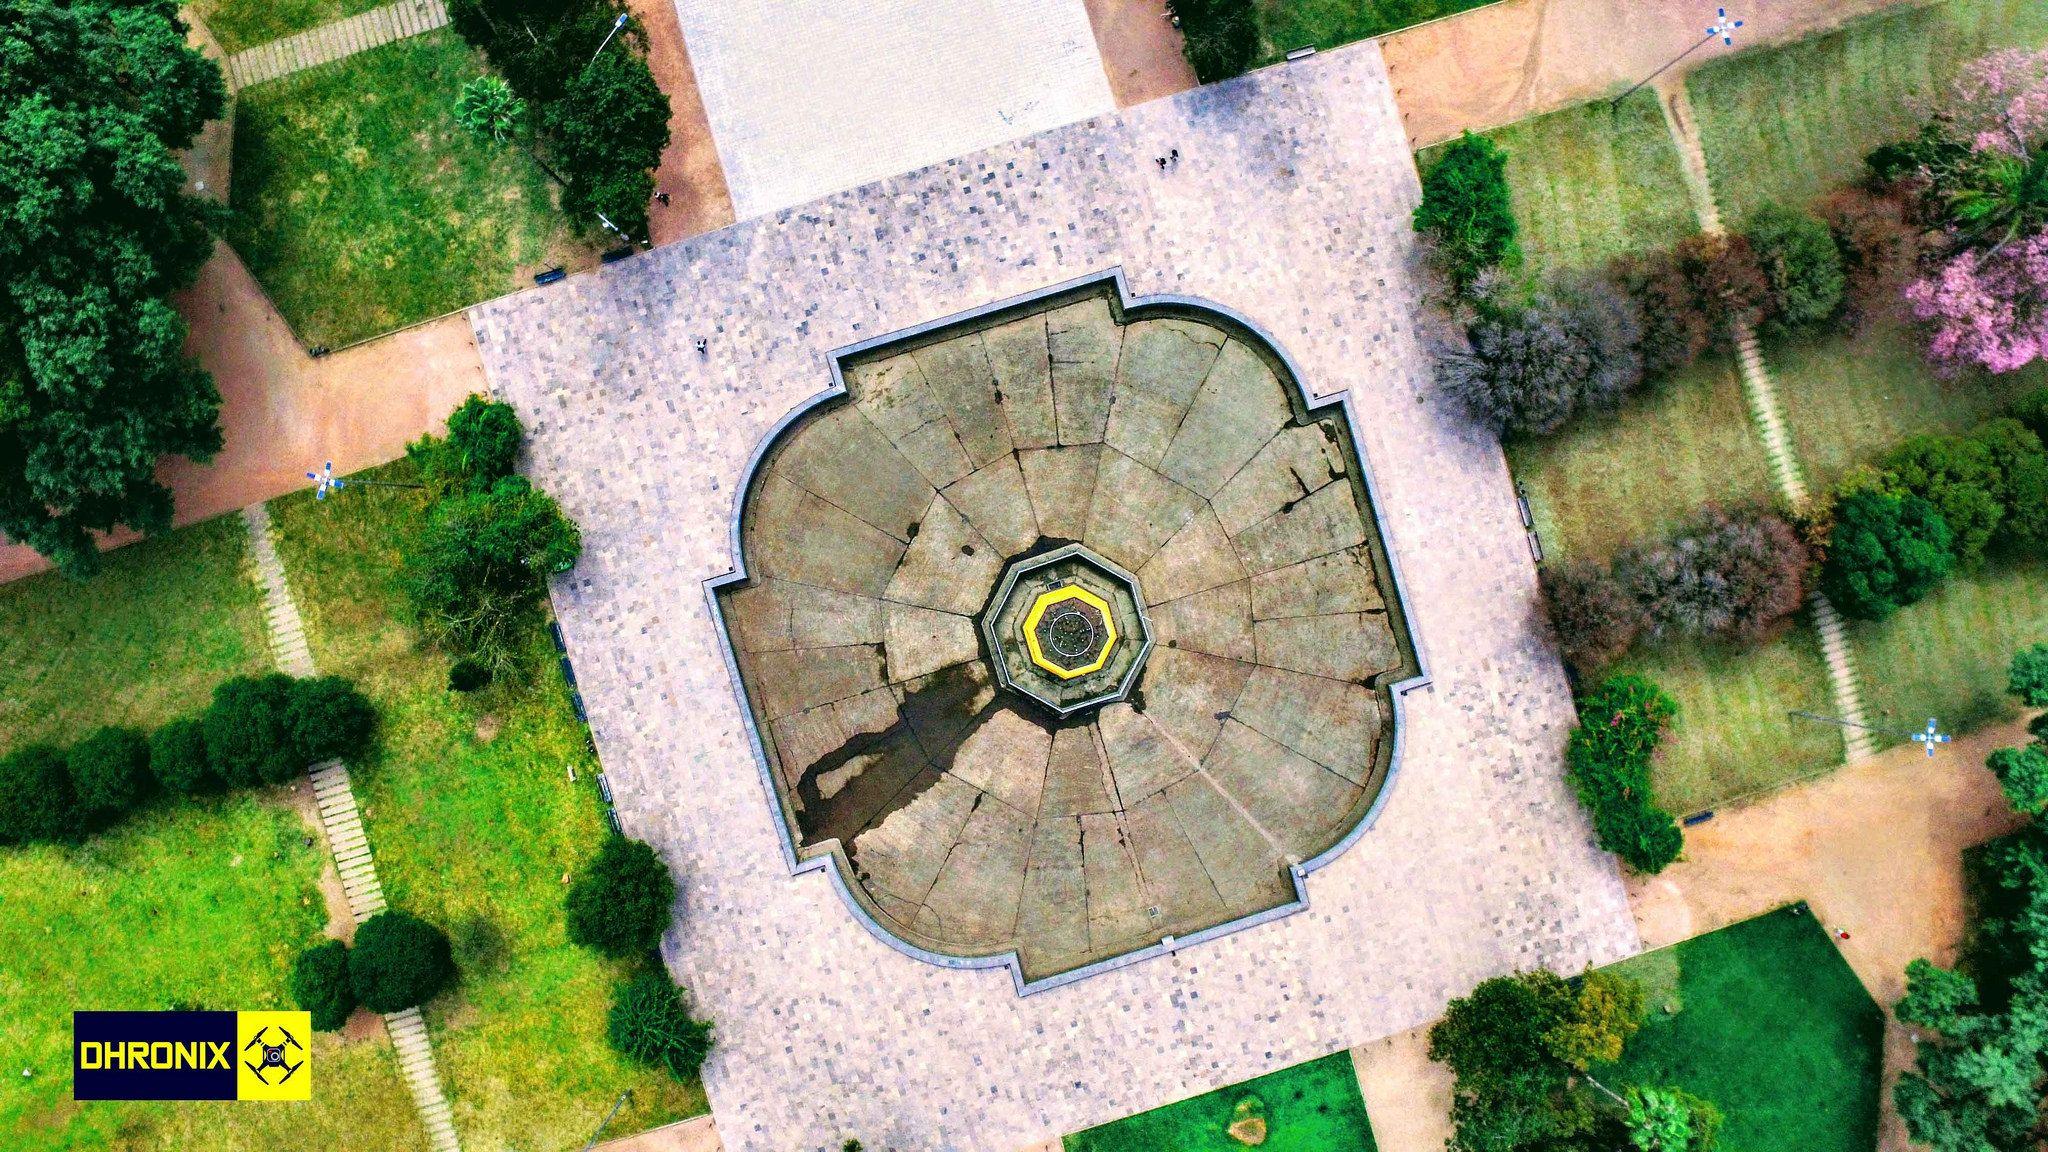 Harmonia da natureza - Parque da Redenção - POA | Dhronix Imagens com Drones | www.dhronix.com.br